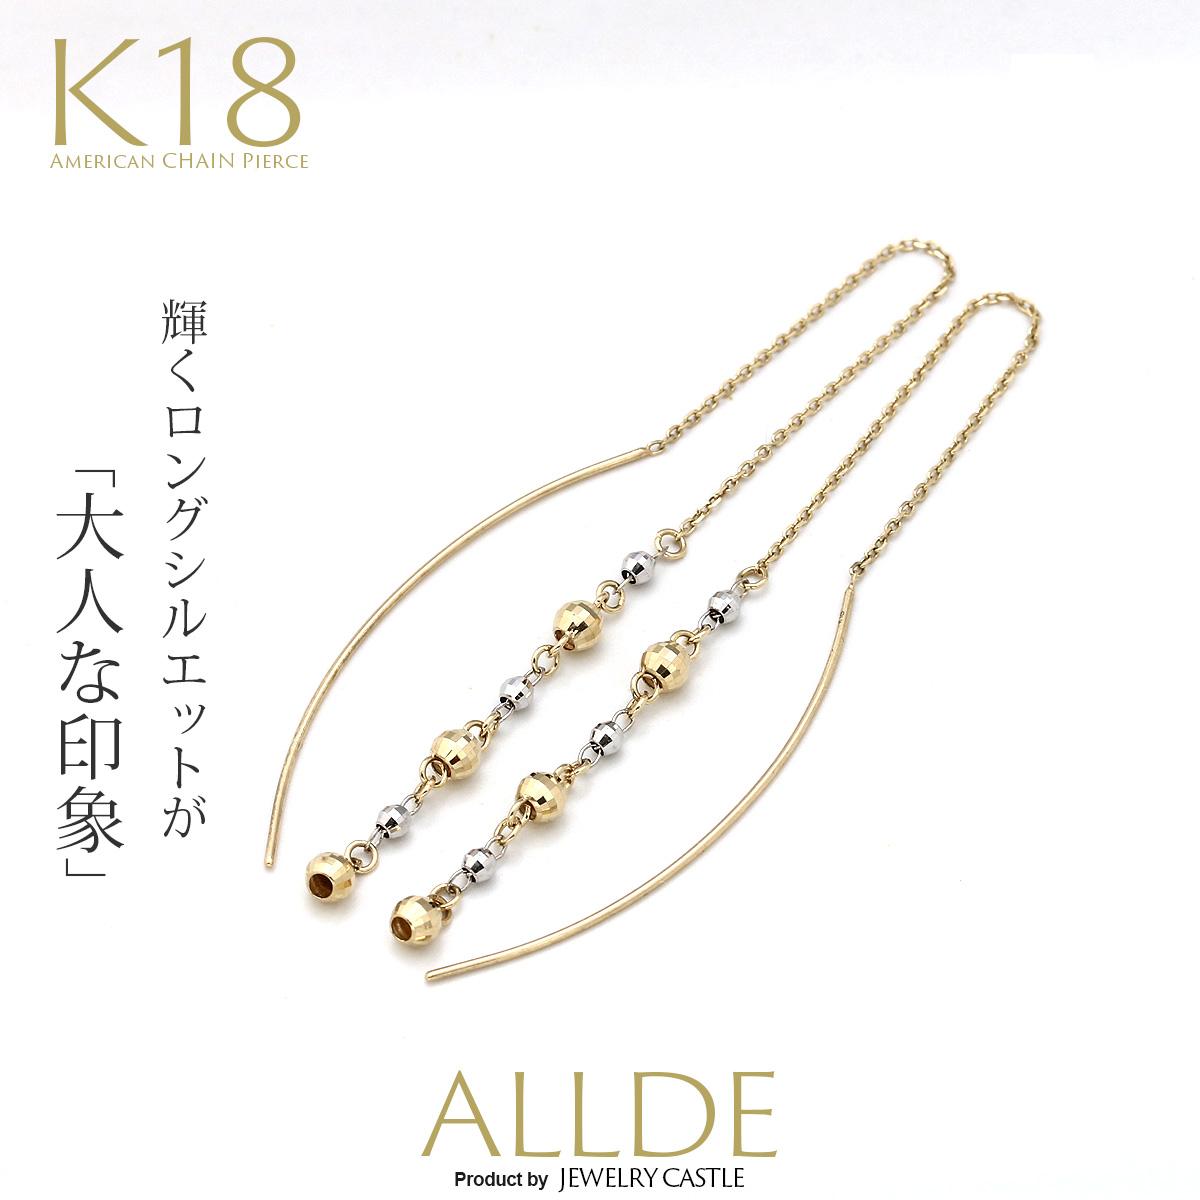 【ALLDE】K18ゴールド(WG・YG) ミラーボール輝くアメリカンロングピアス